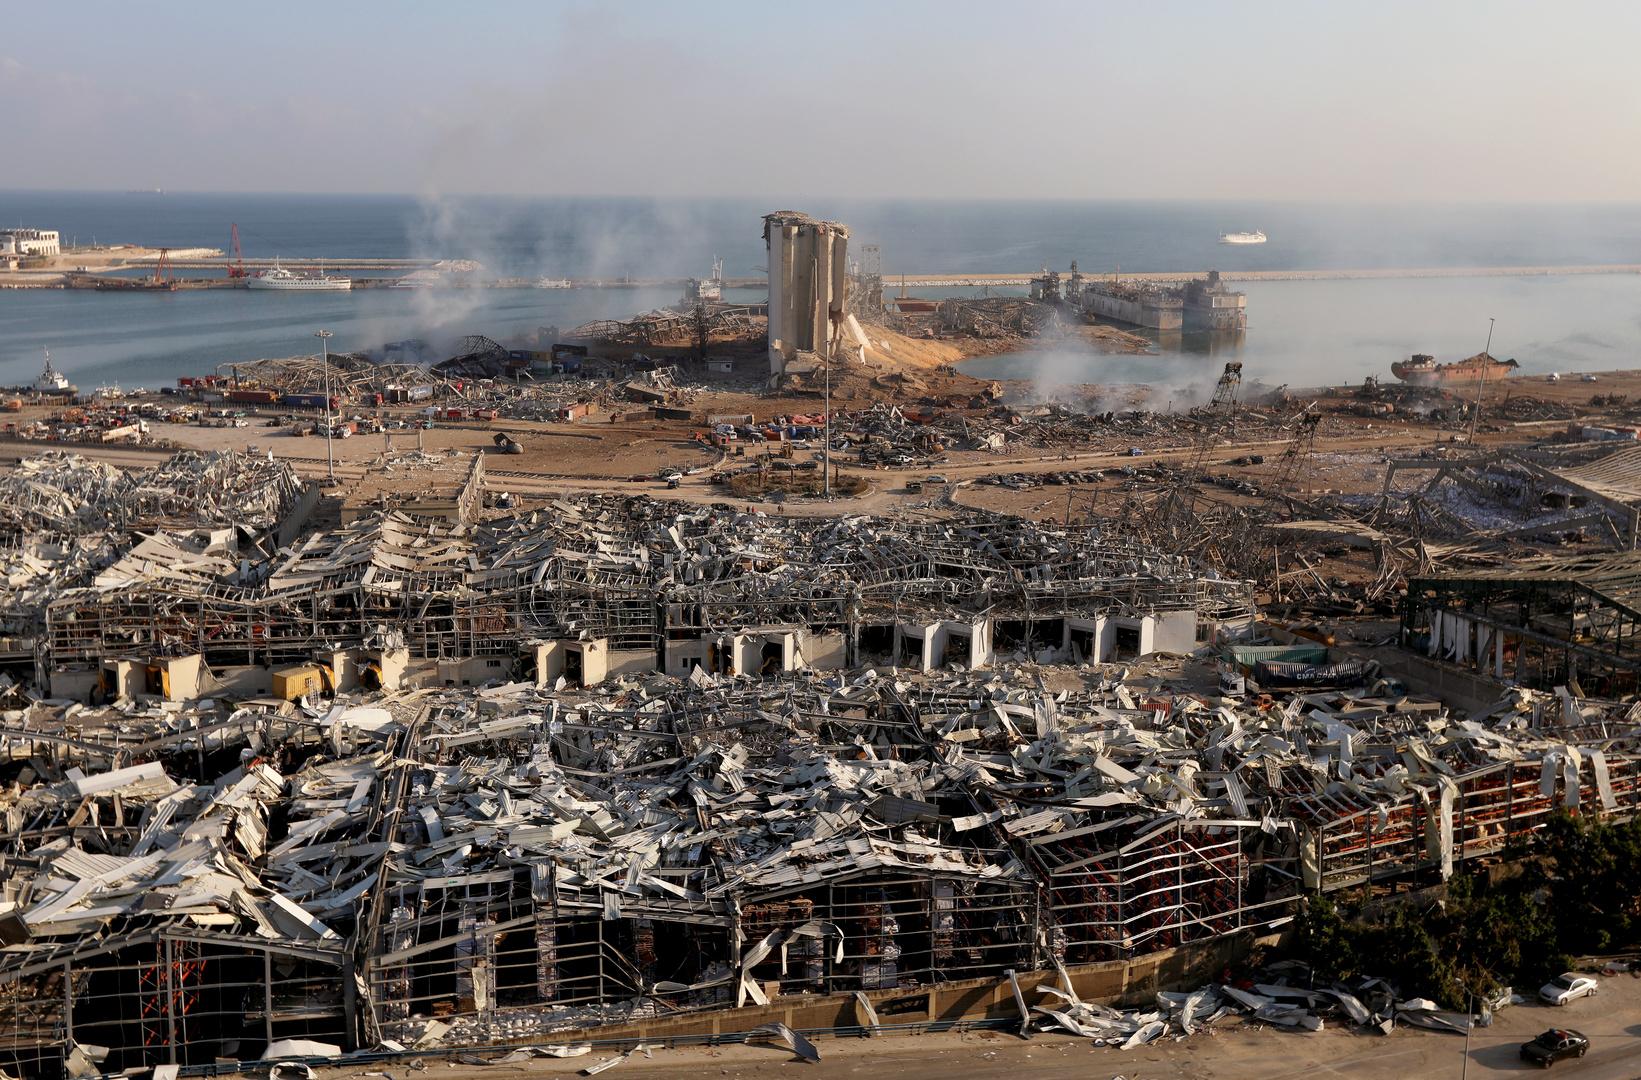 مراسلنا: النيران تتجدد بين الحين والآخر بمرفأ بيروت وعمليات البحث عن المفقودين لا تزال مستمرة